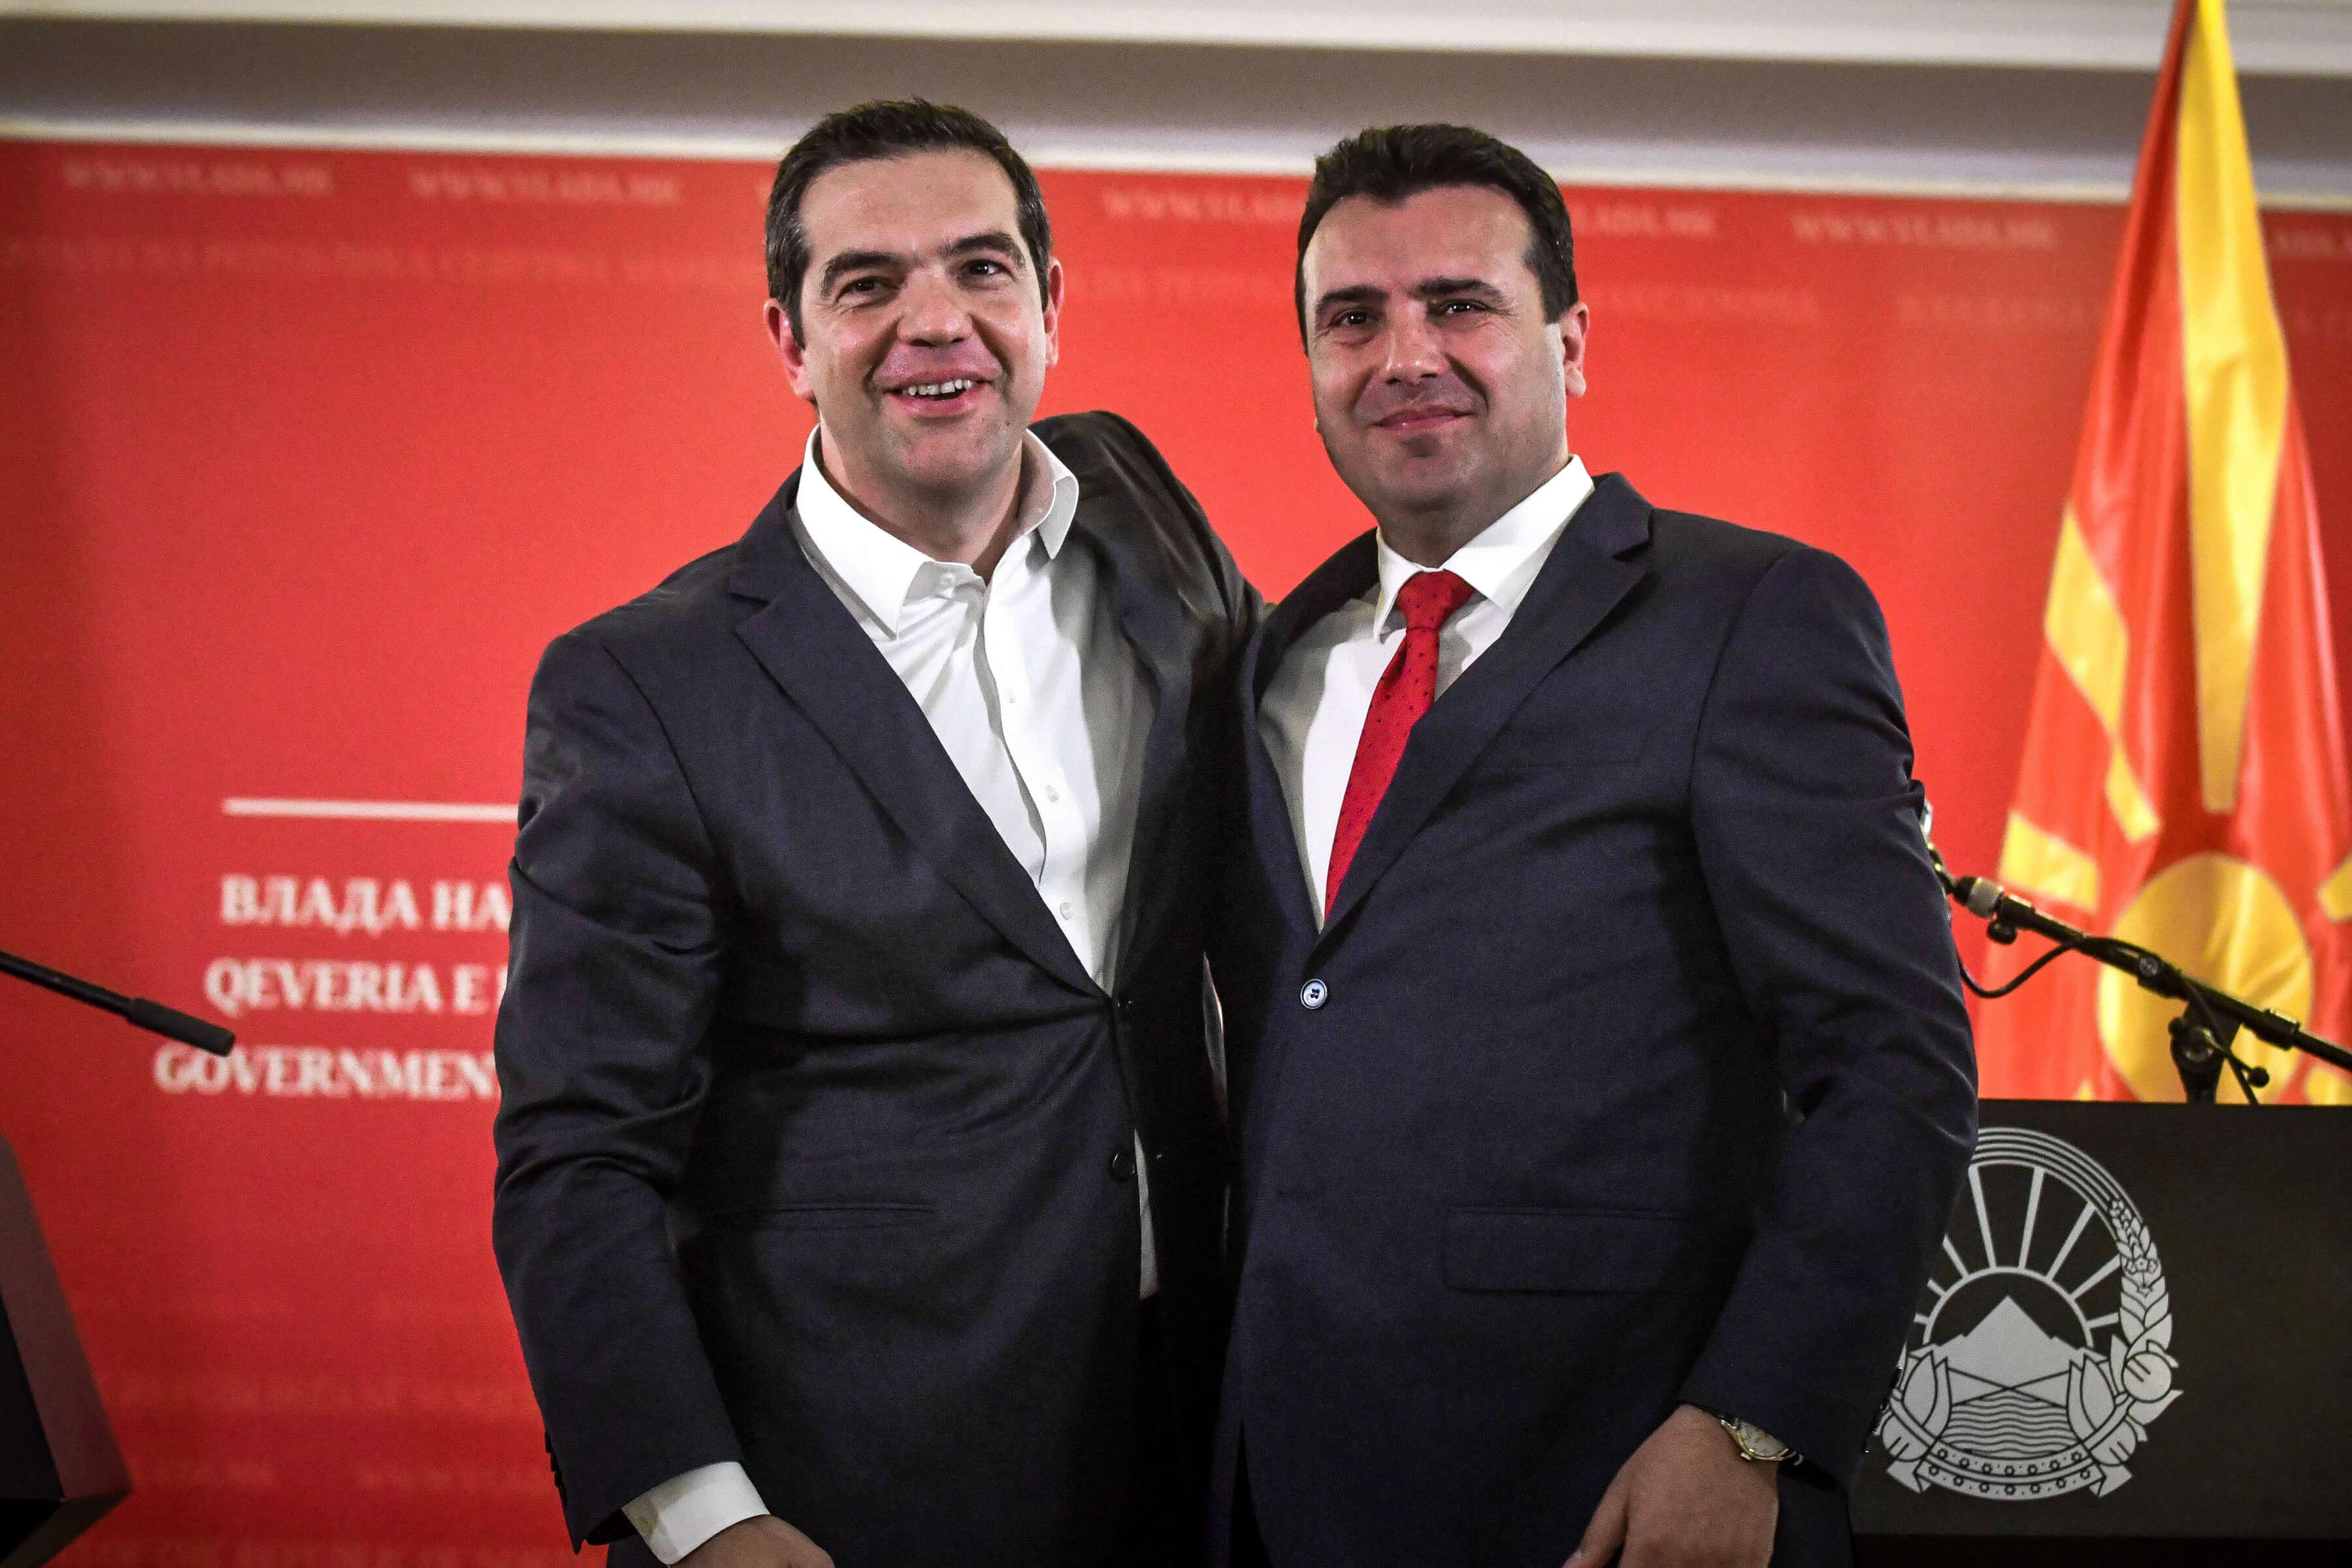 Ζάεφ: Μεγαλώνει η υποστήριξη της συμφωνία των Πρεσπών σε Ελλάδα και Βόρεια Μακεδονία